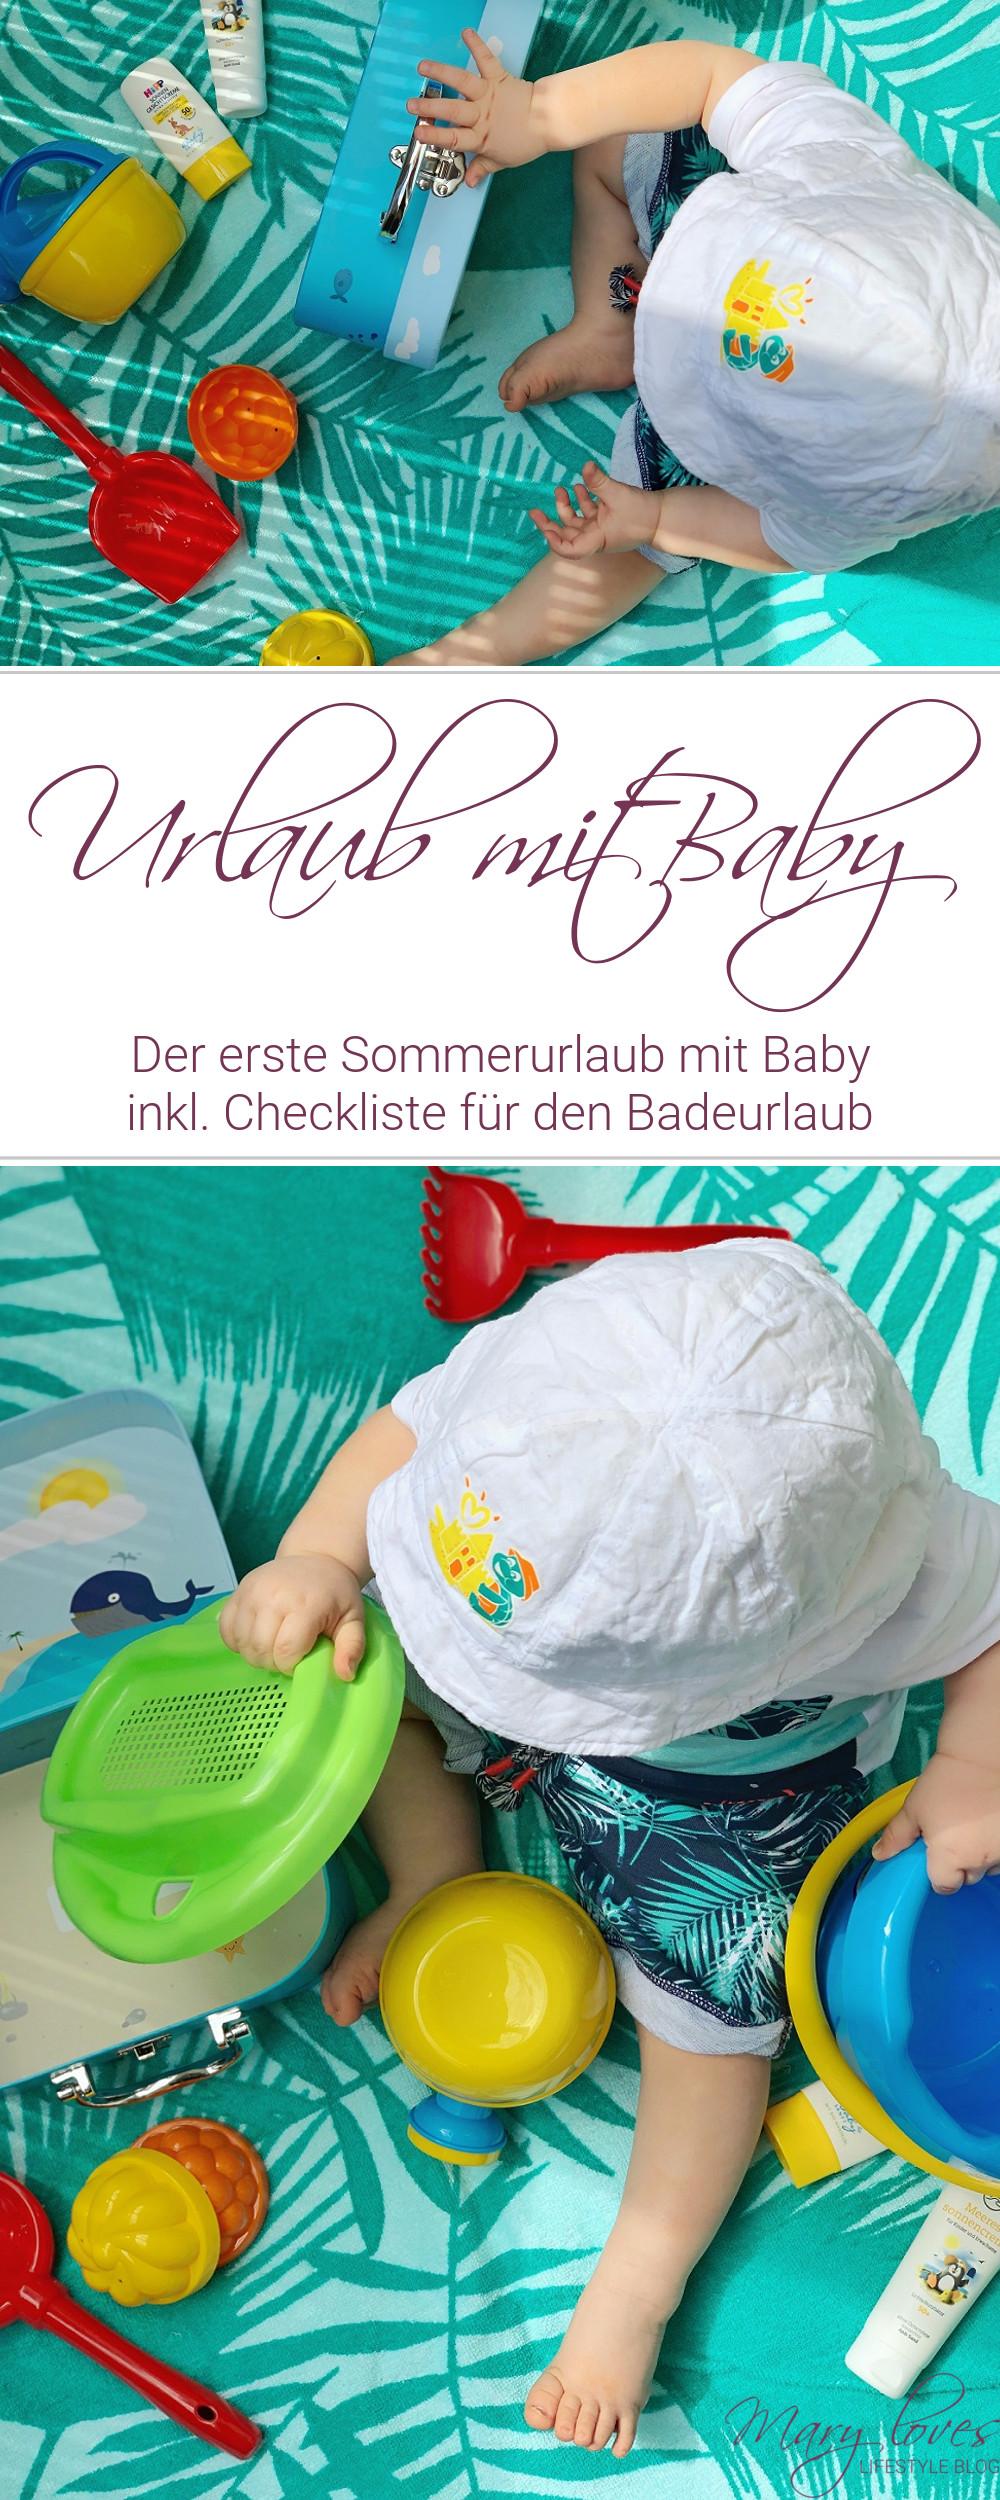 [Werbung unbeauftragt] Der erste Urlaub mit Baby + Checkliste für den Badeurlaub - #urlaubmitbaby #familienurlaub #urlaub #sommerurlaub #urlaubscheckliste #badeurlaub #urlaubmitkindern #baby